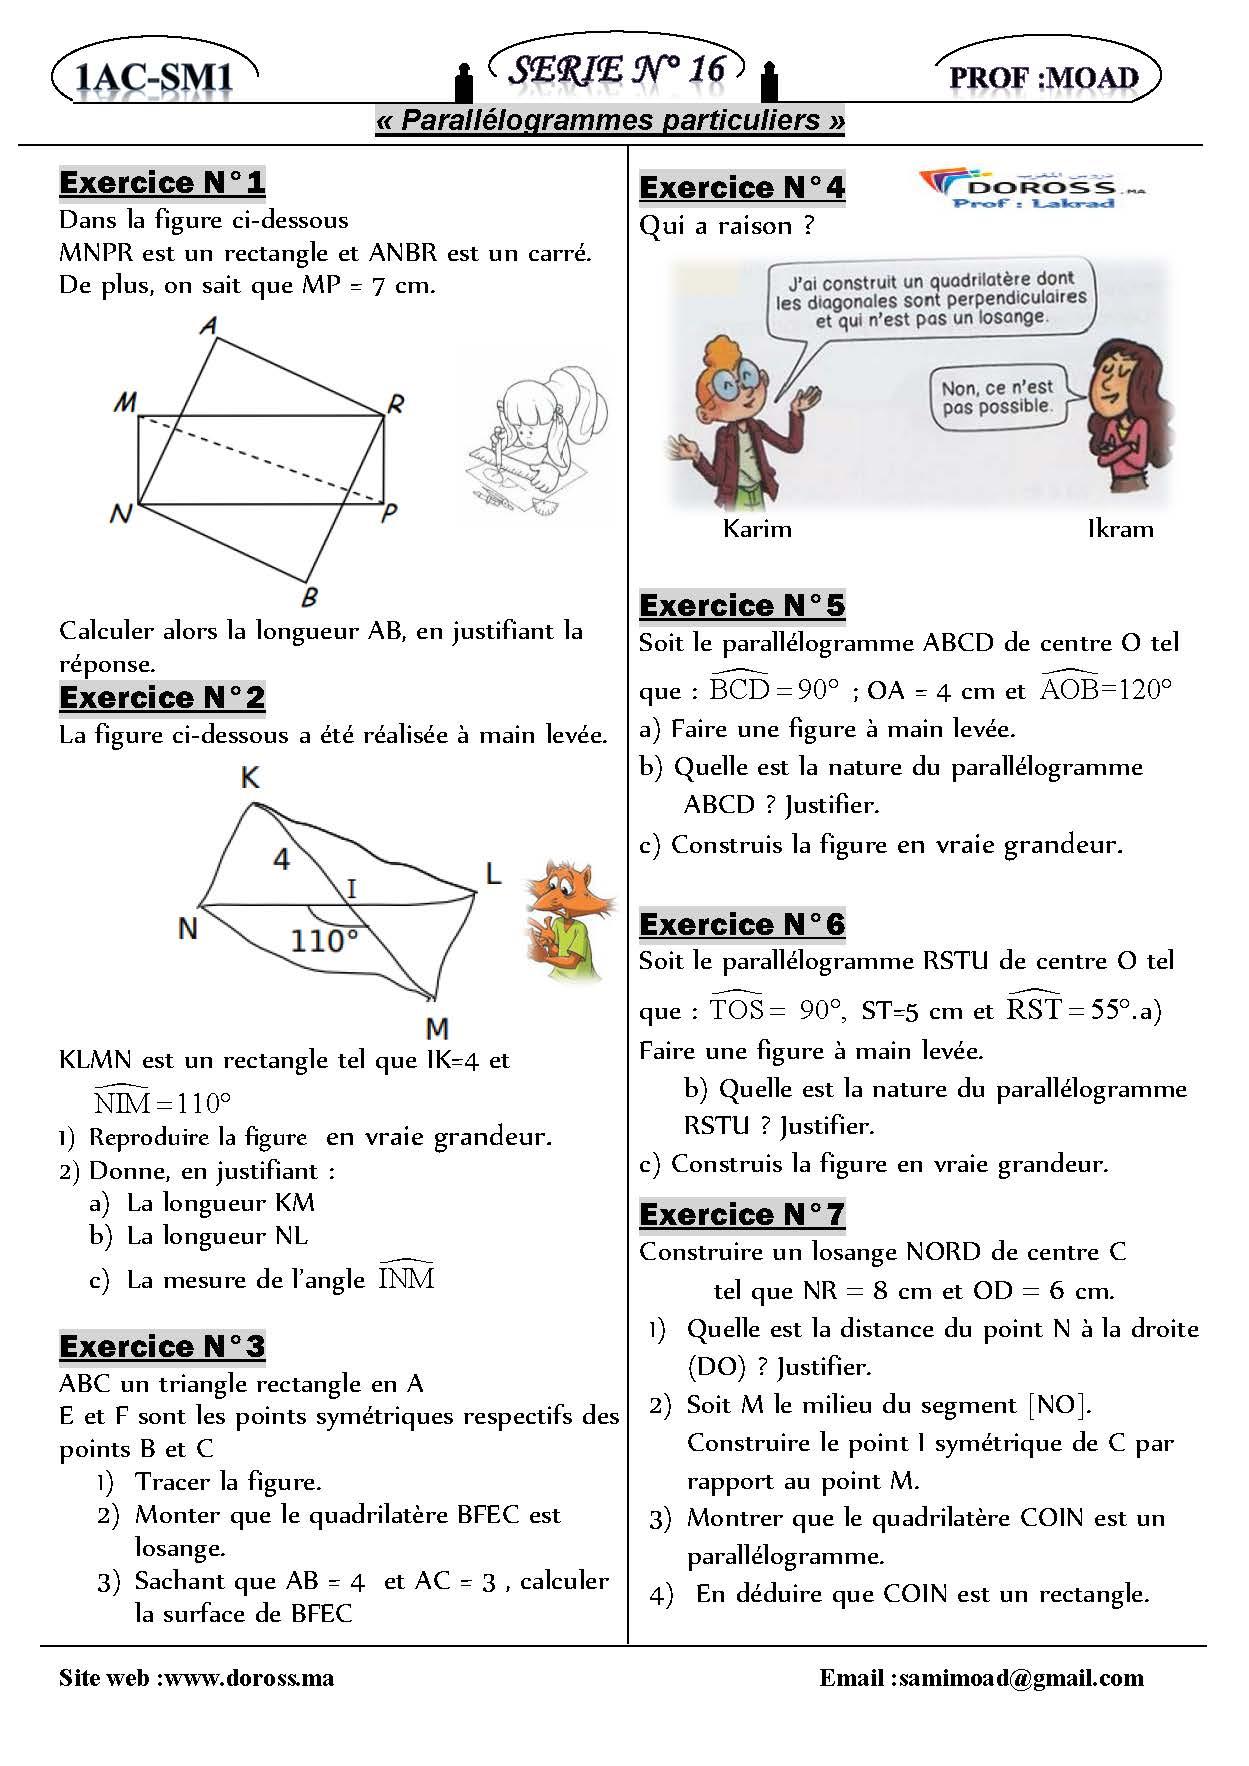 تمارين الرياضيات : série N°16 - Parallélogrammes particuliers | الأولى اعدادي خيار فرنسي